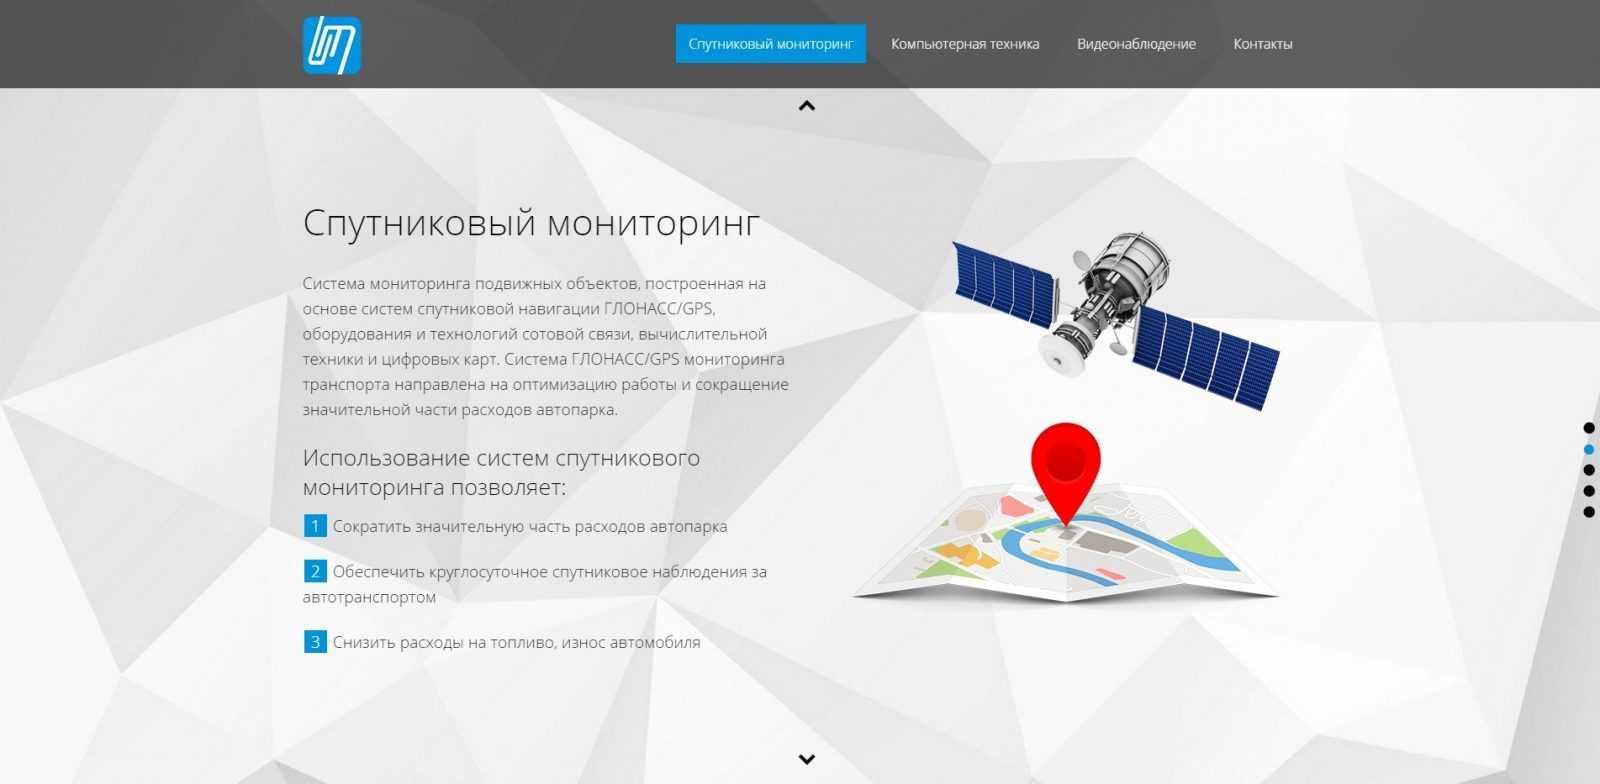 Сайт Информационные технологии ITQualiTy. Вы также можете заказать или купить похожий сайт у нас.